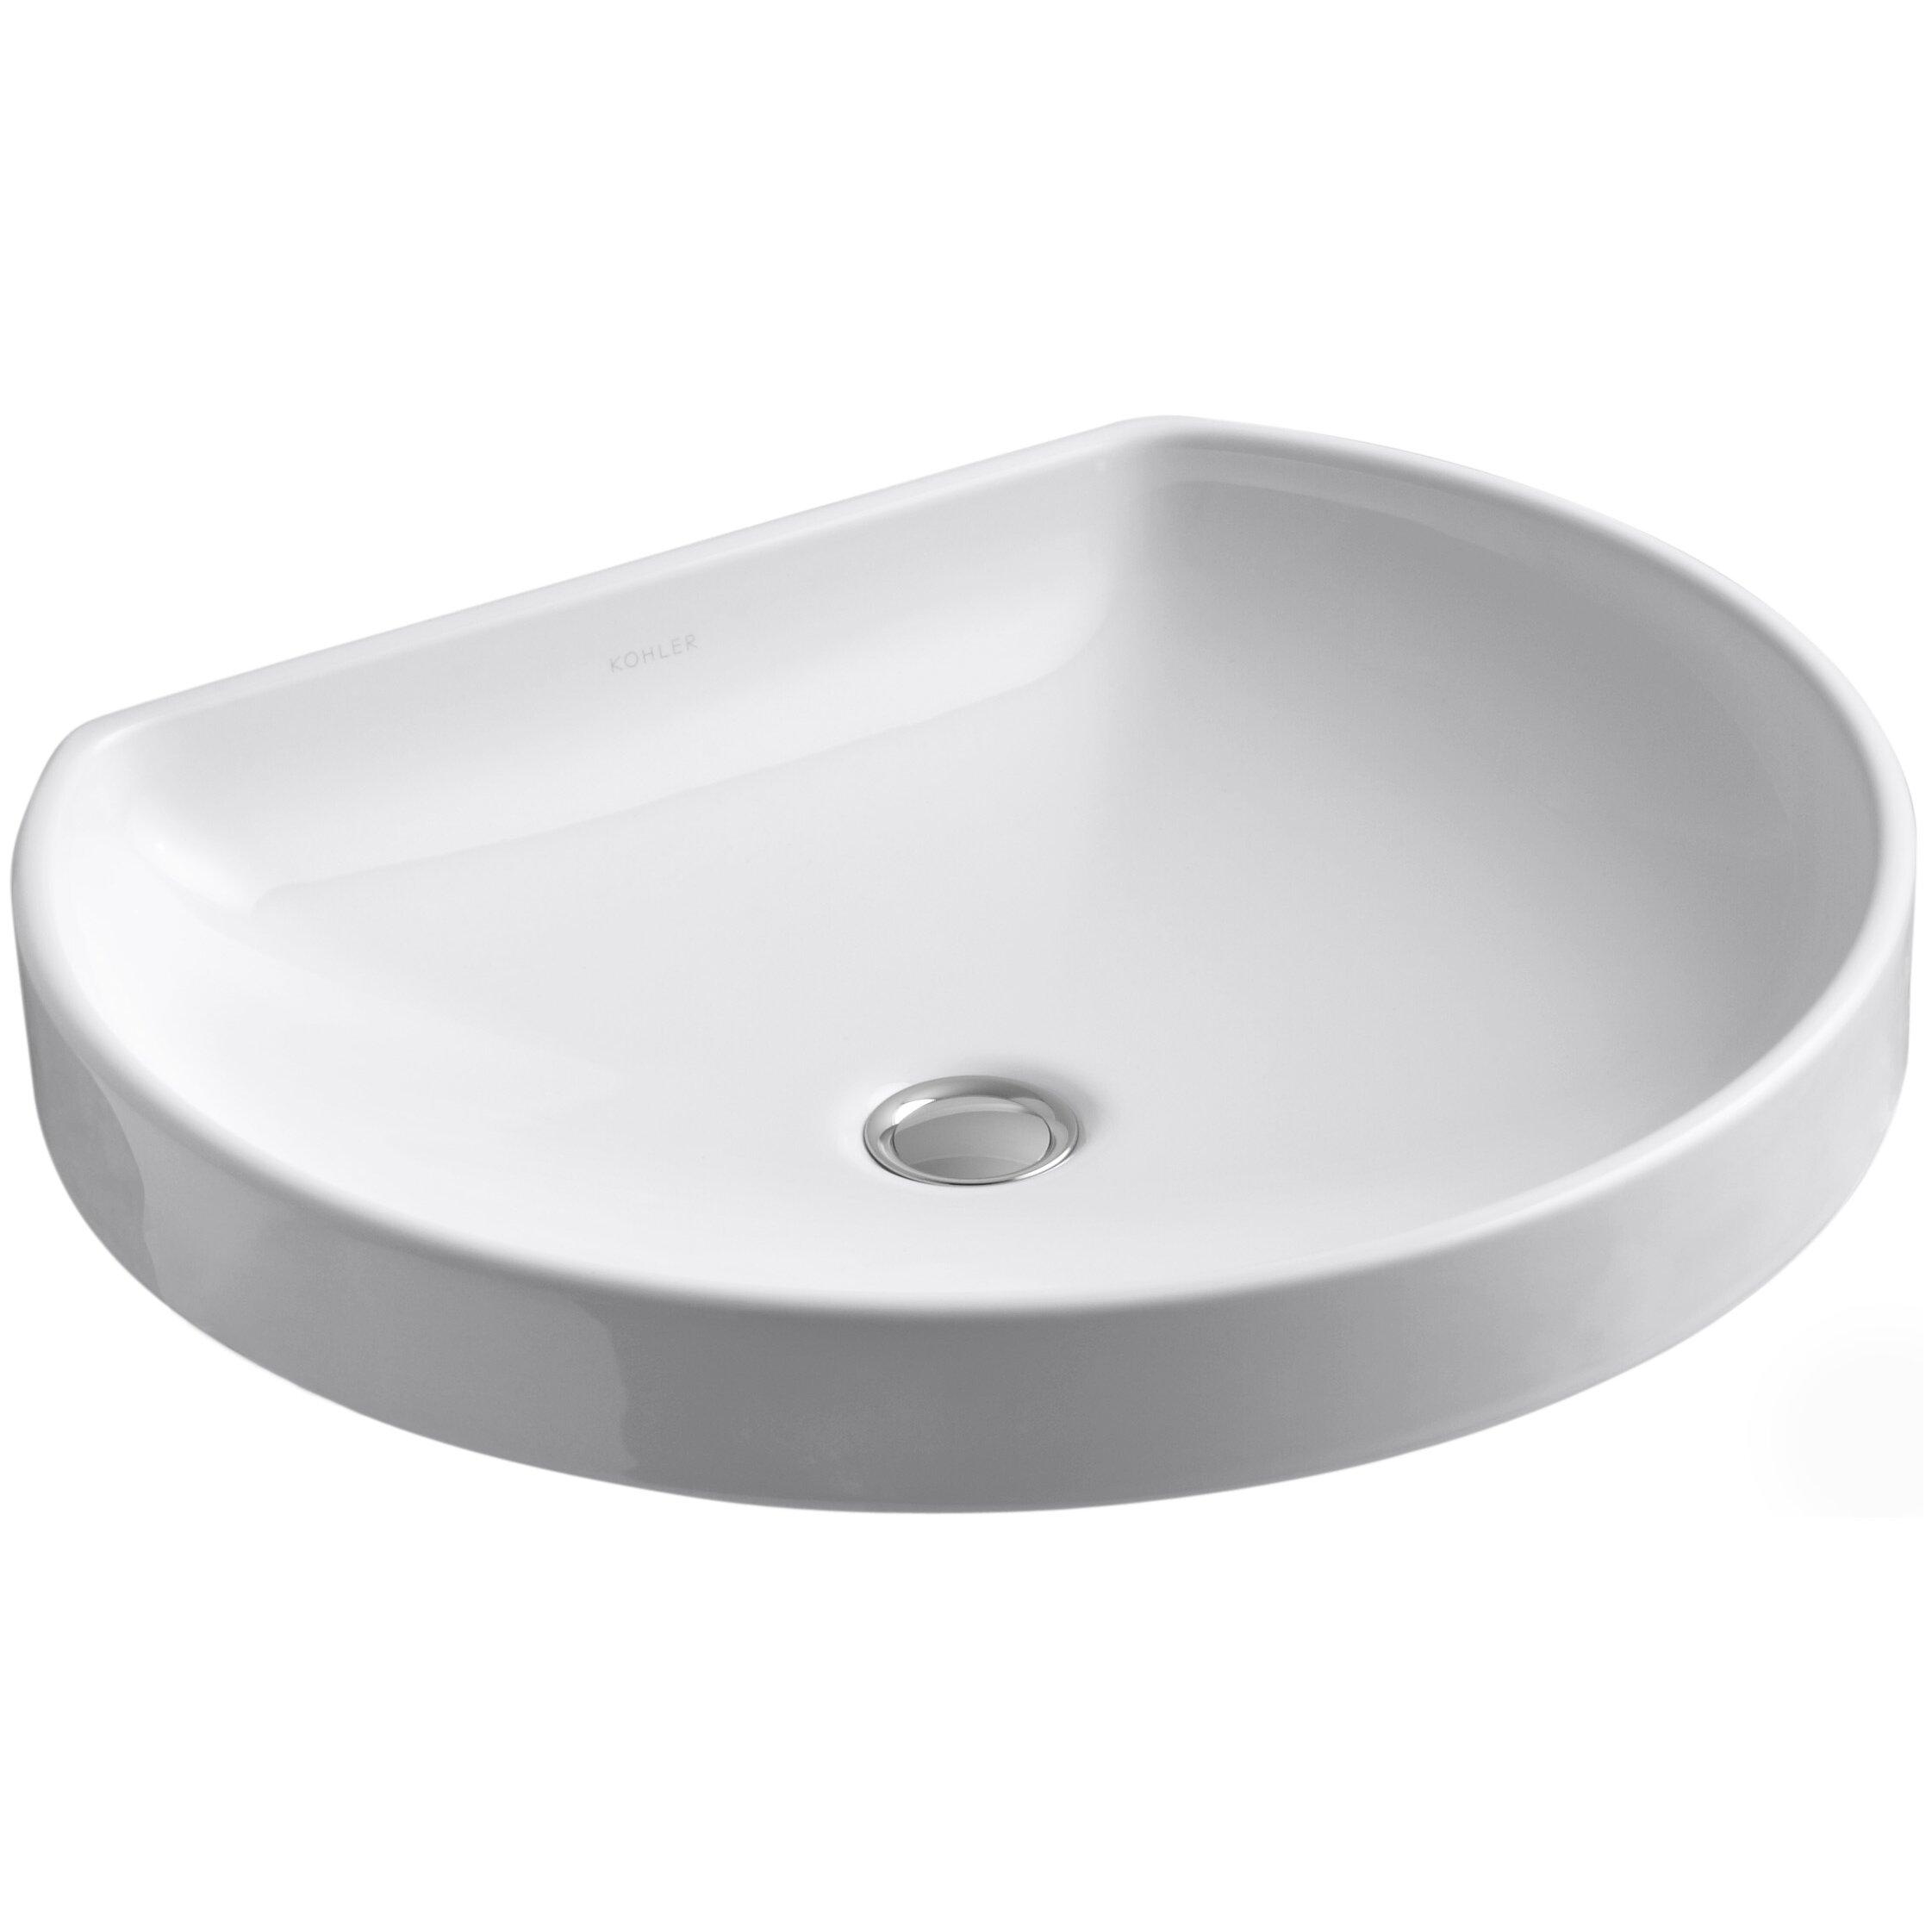 Kohler Watercove Wading Pool Drop-In Bathroom Sink